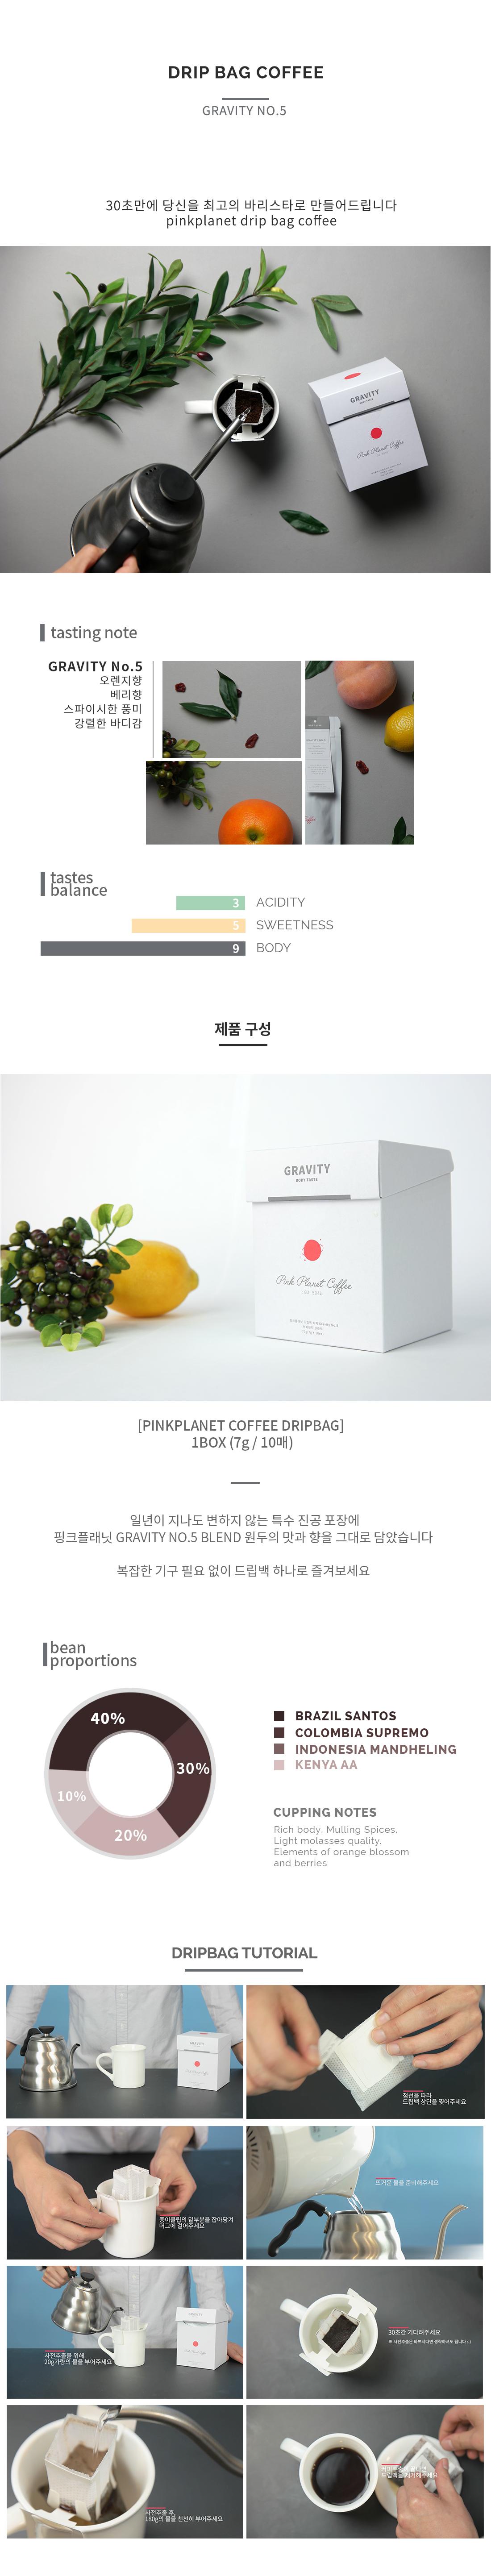 shop_coffee_drip bag_detail